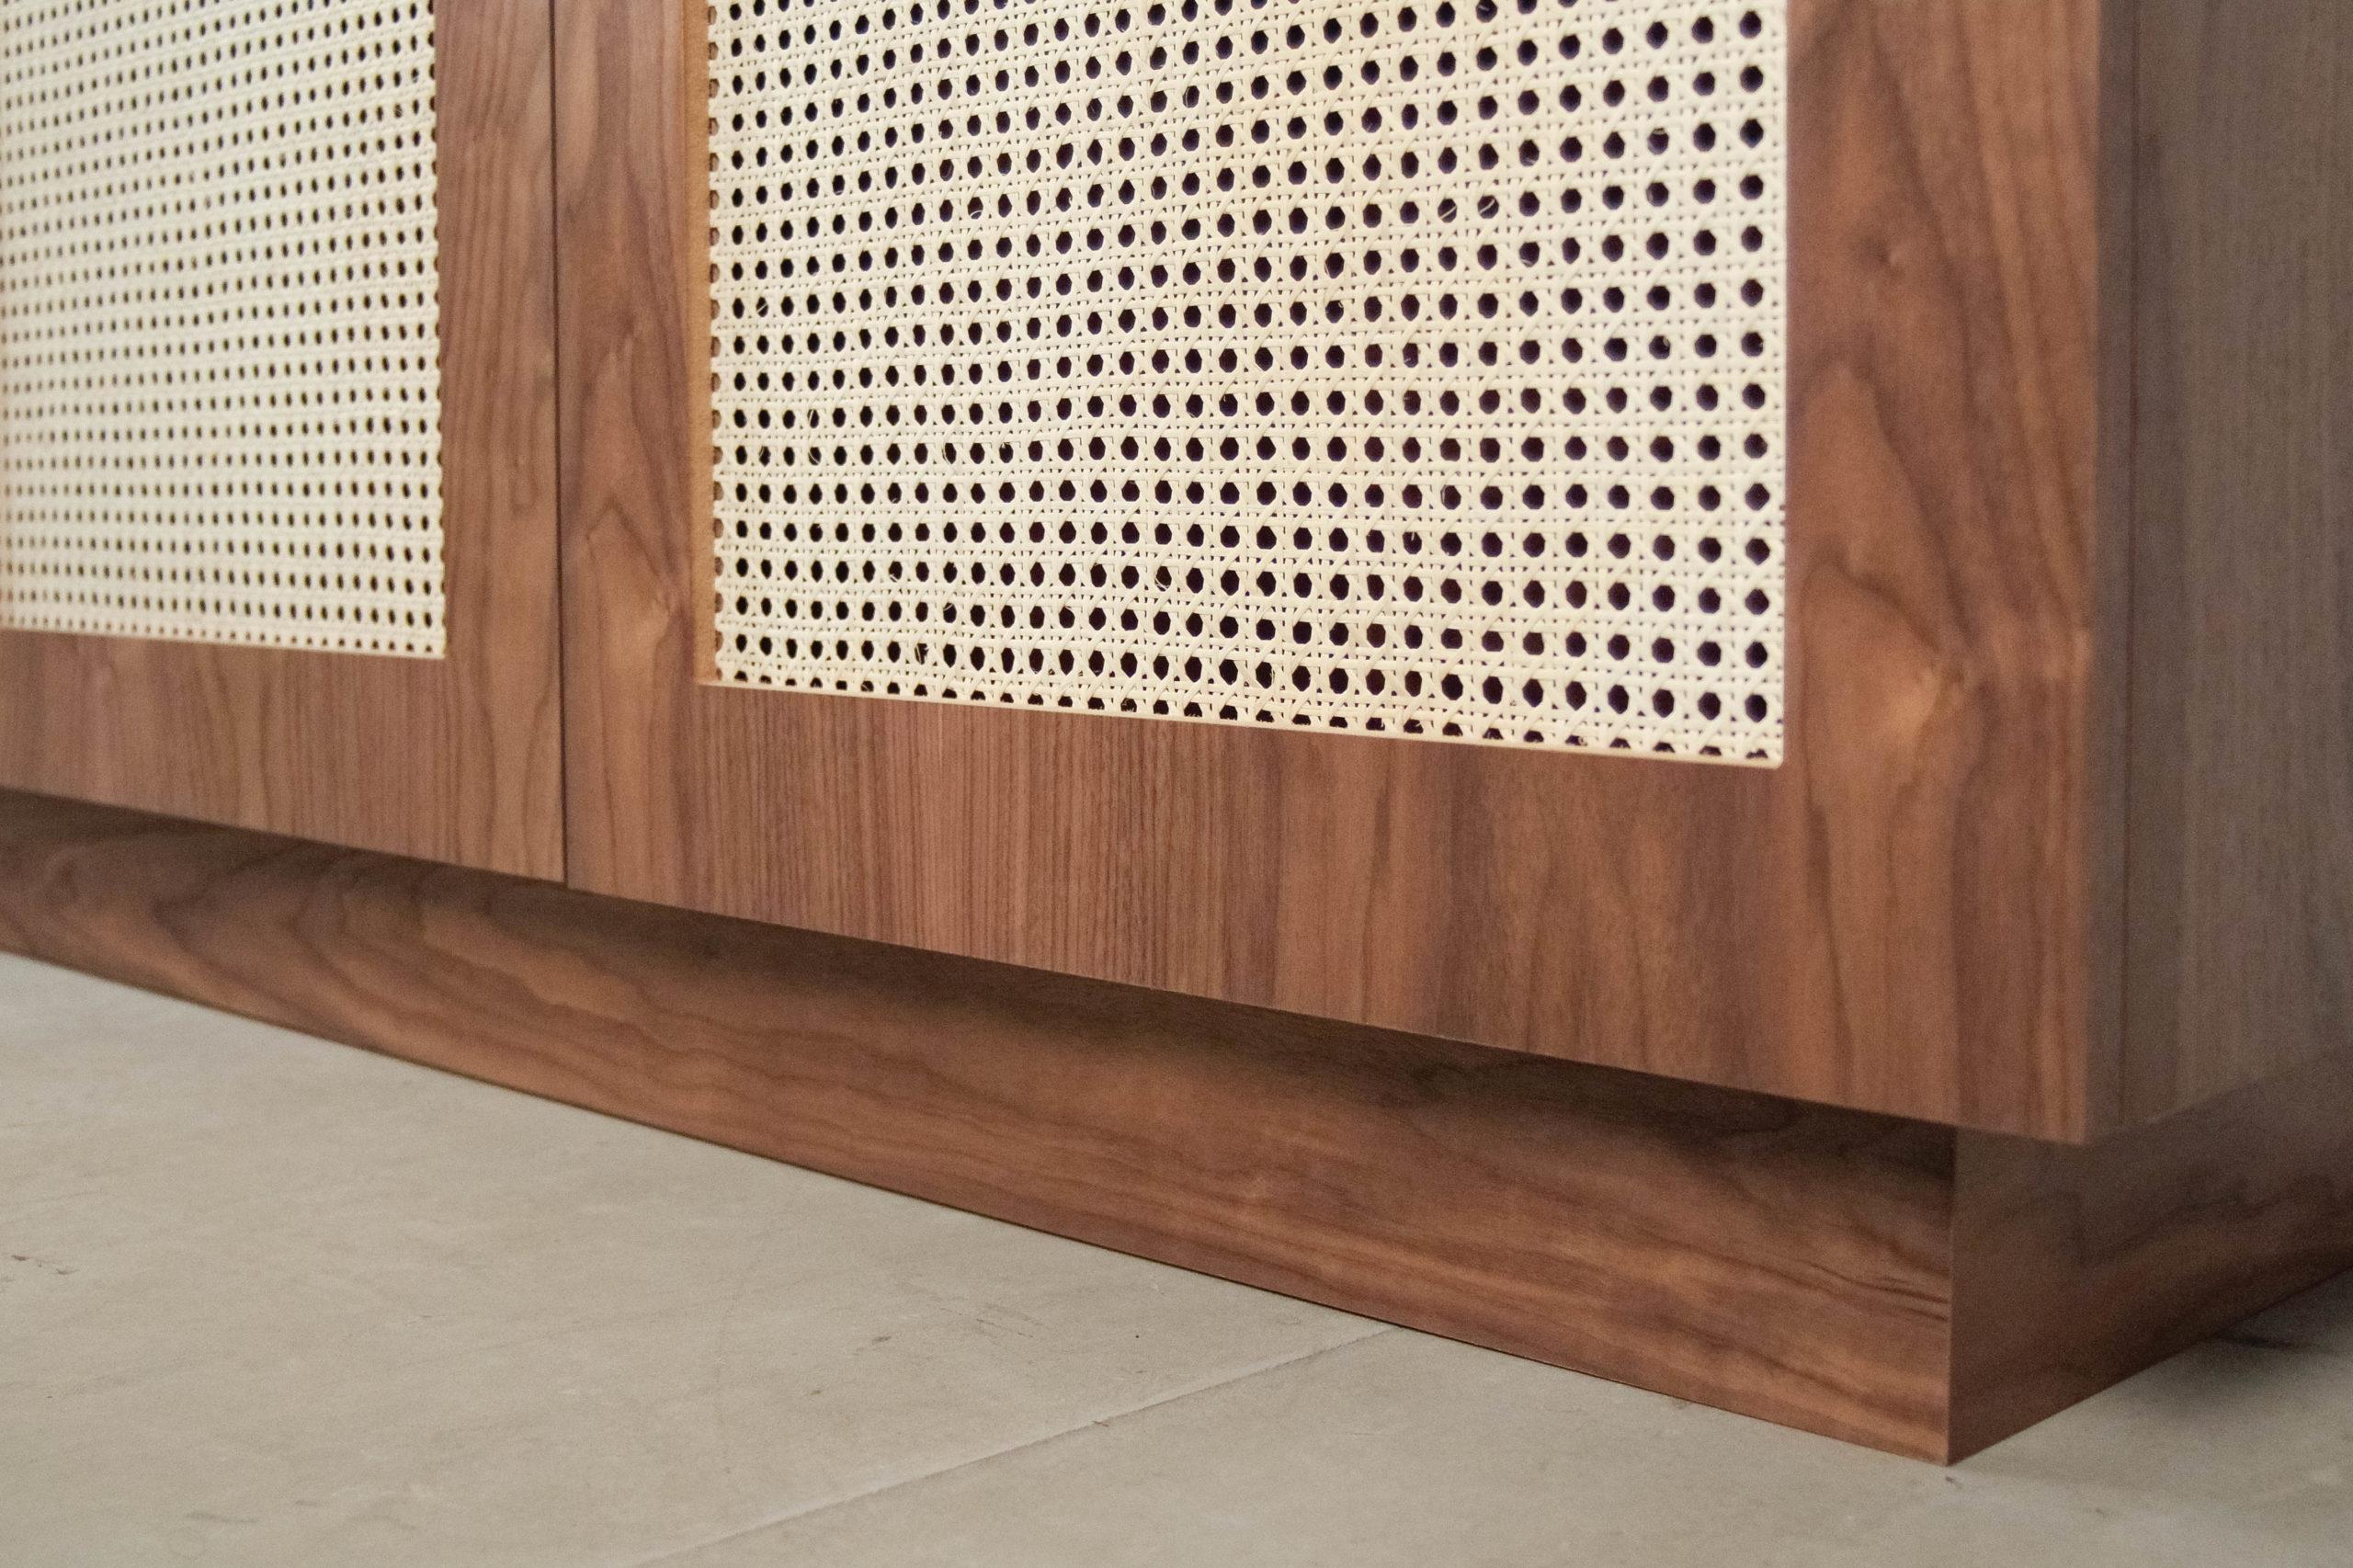 detalle mueble de nogal de diseño salon capacidad ratan